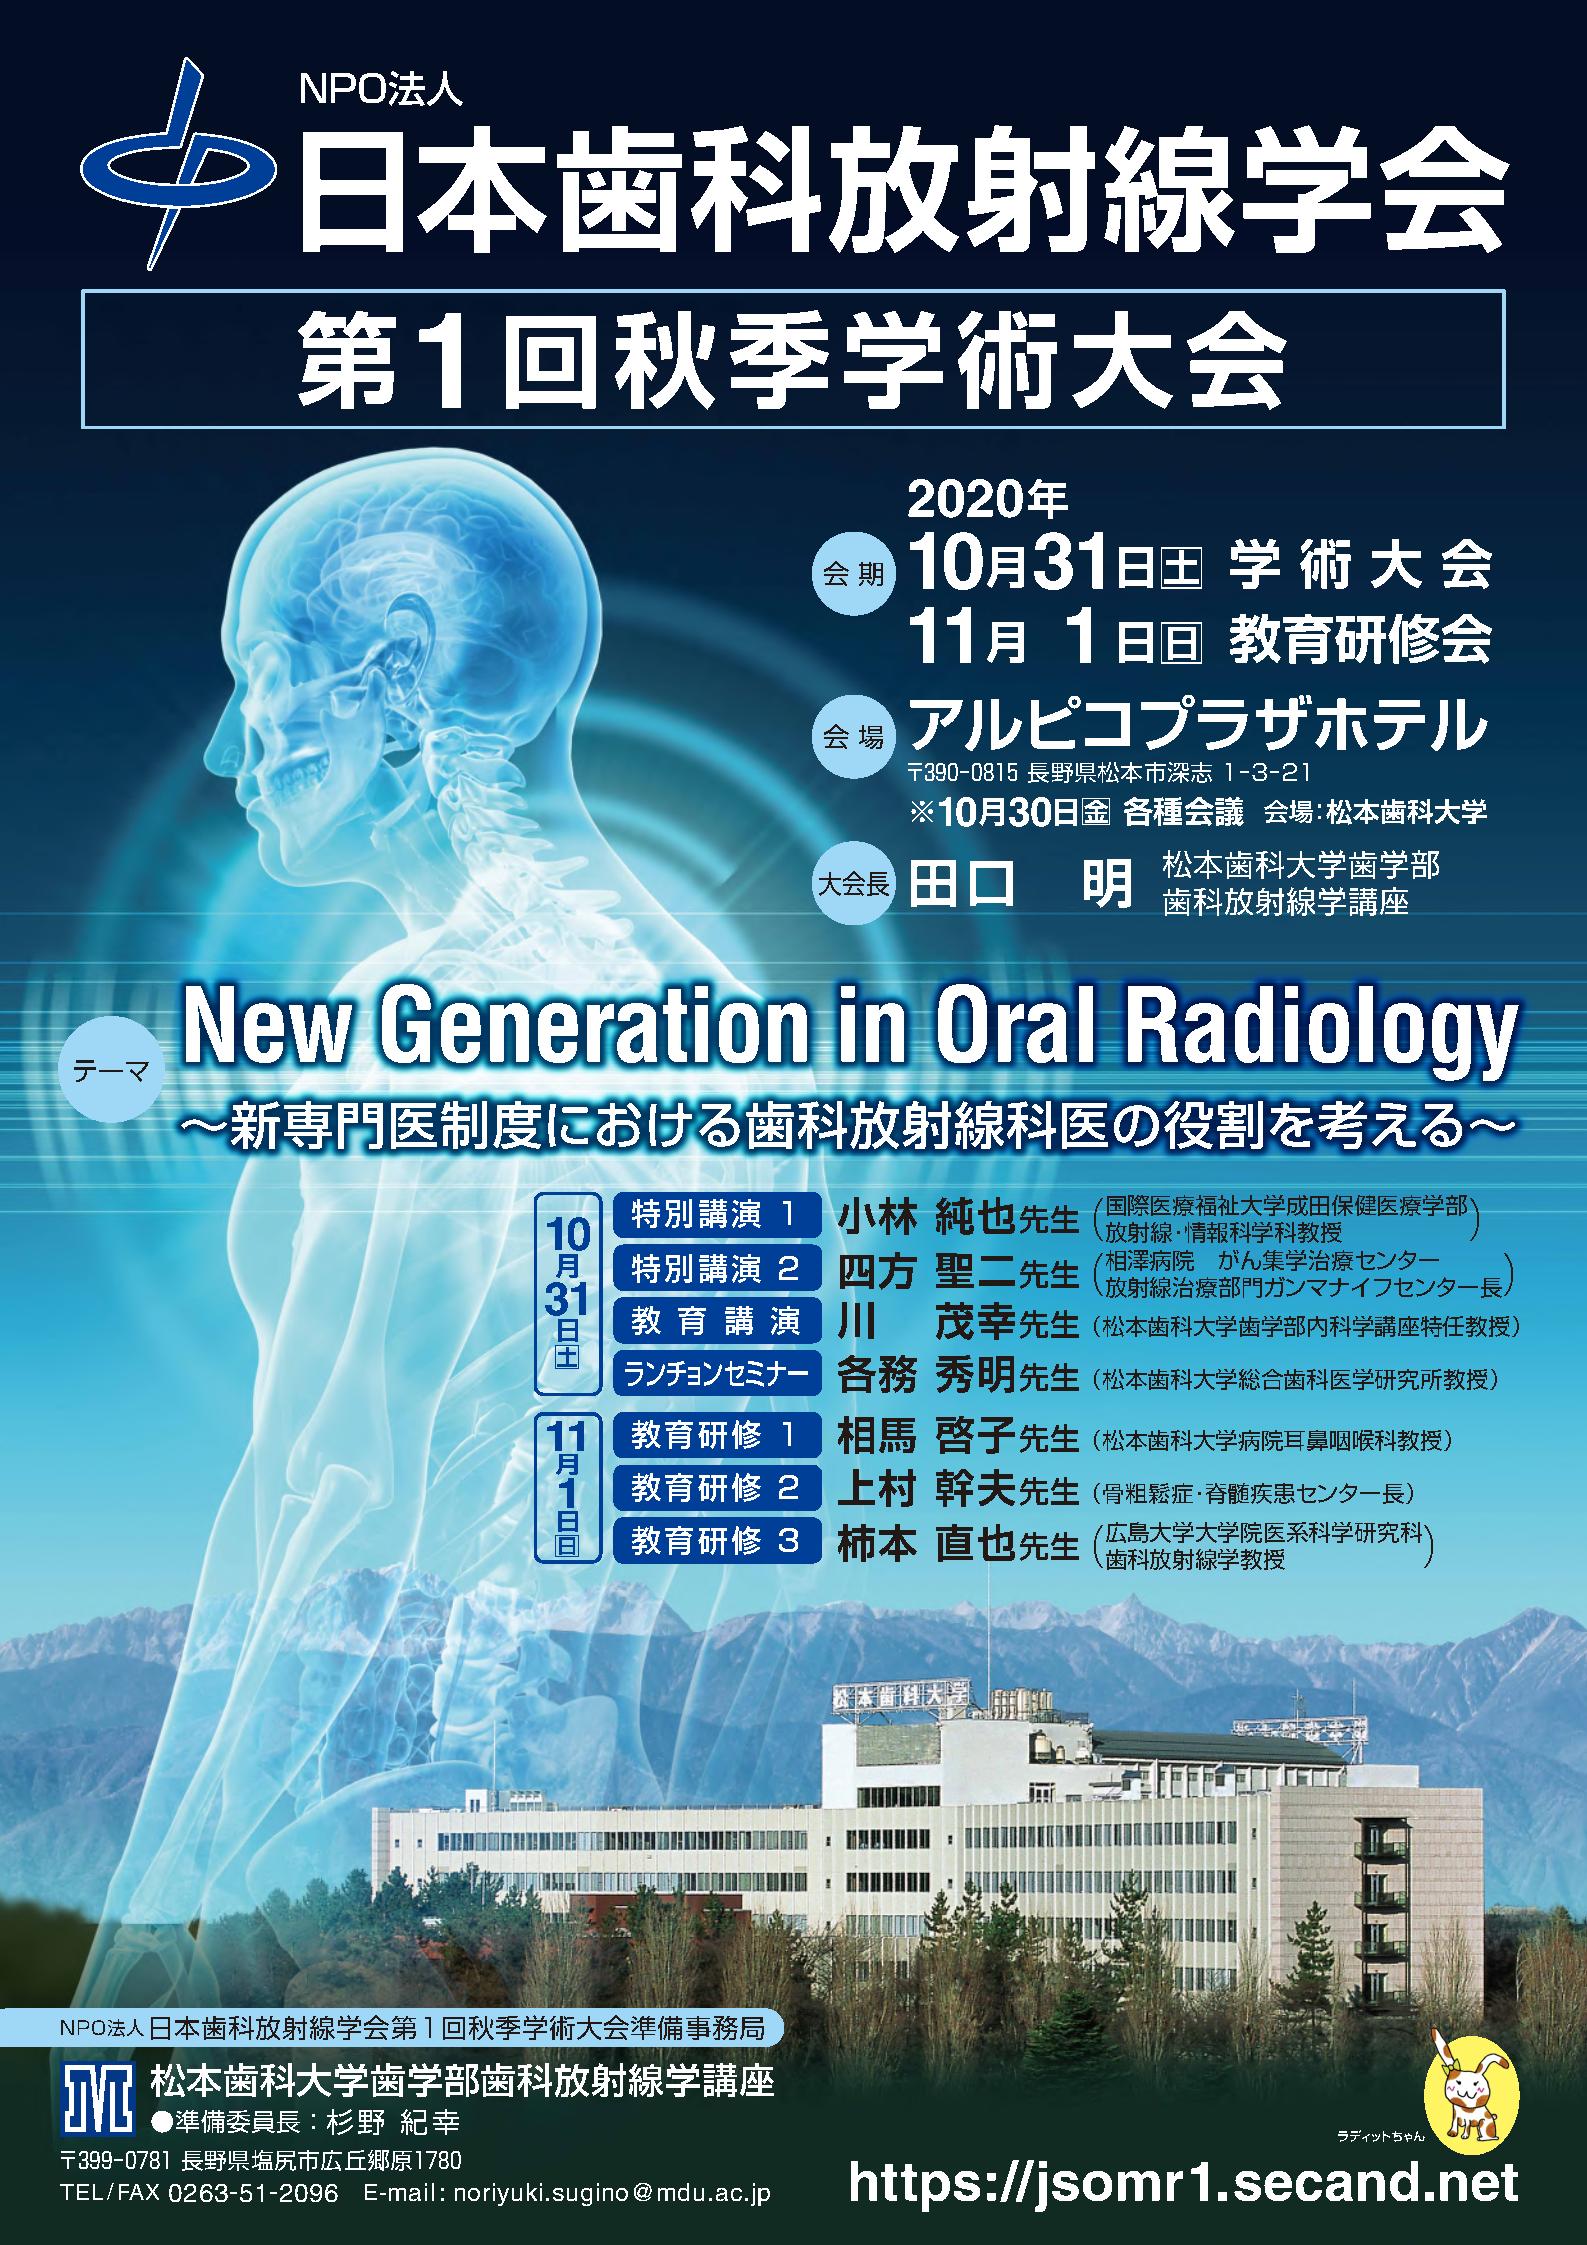 2020年         第1回秋季学術大会    松本歯科大学のイメージ